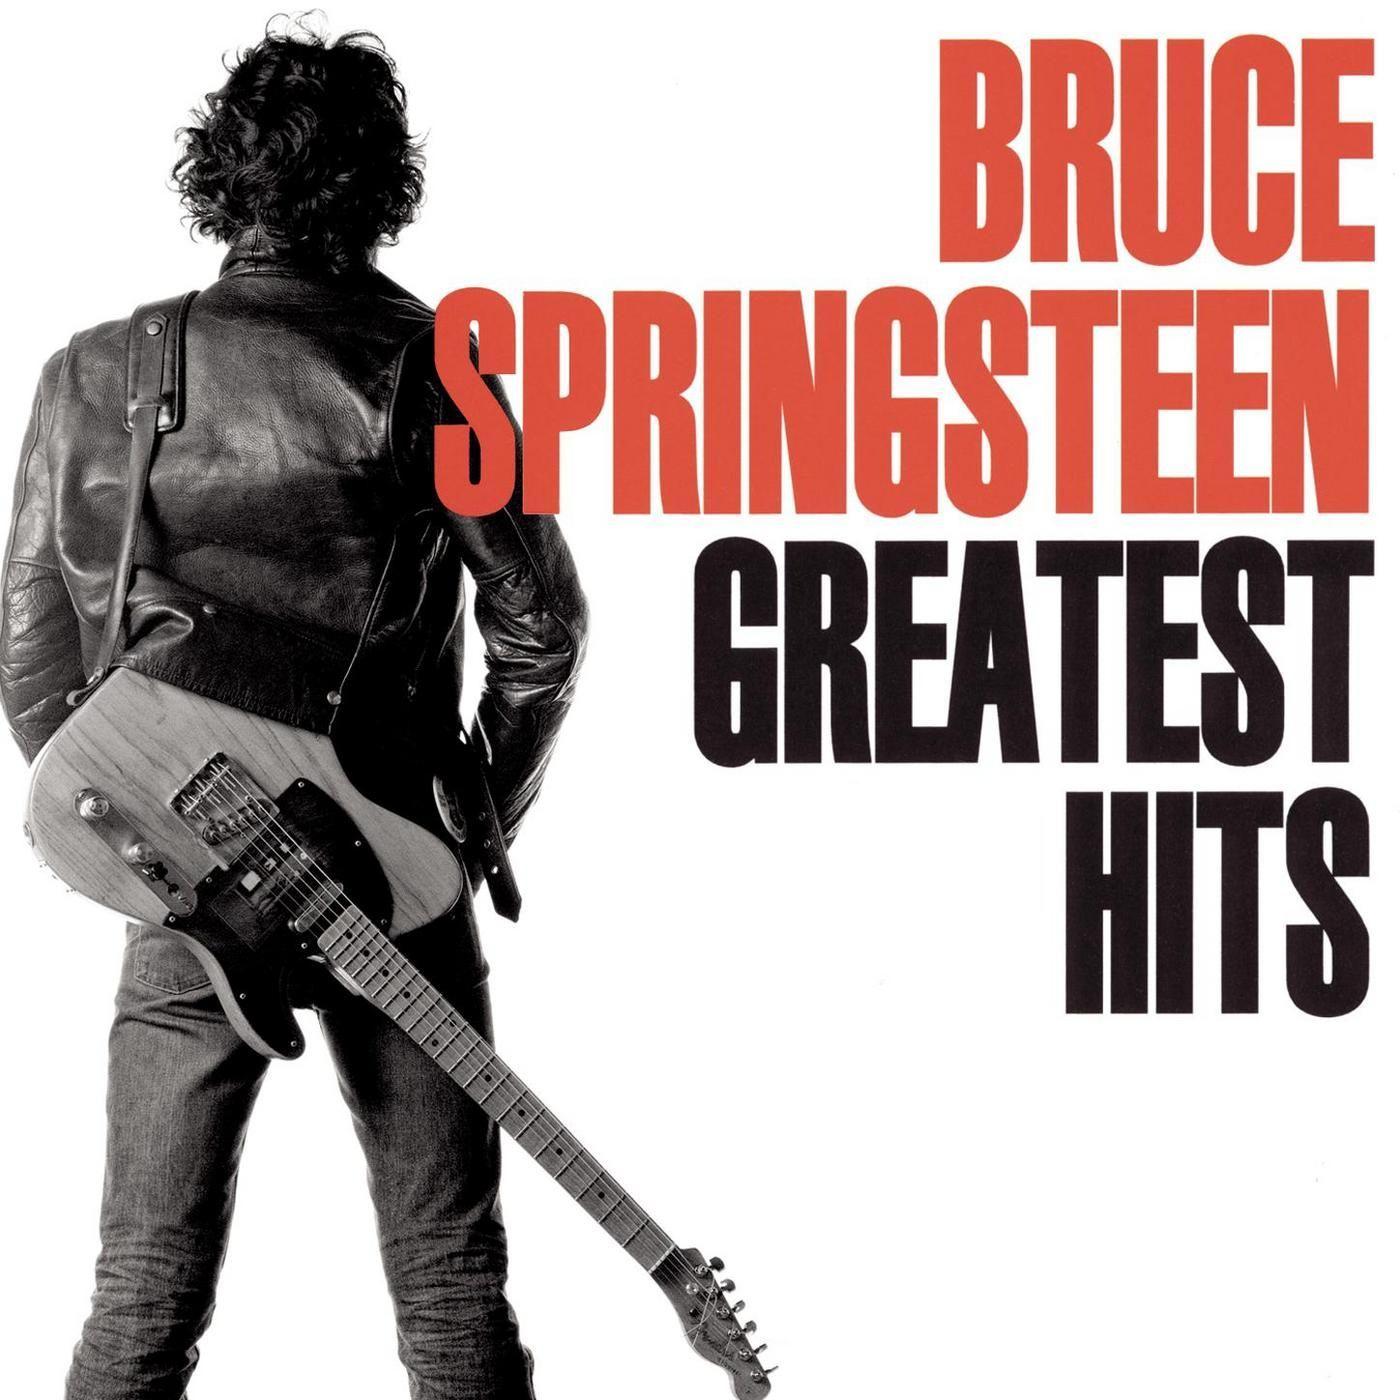 Bruce Springsteen Greatest Hits (1995) 映画 ハリウッド, ブルース